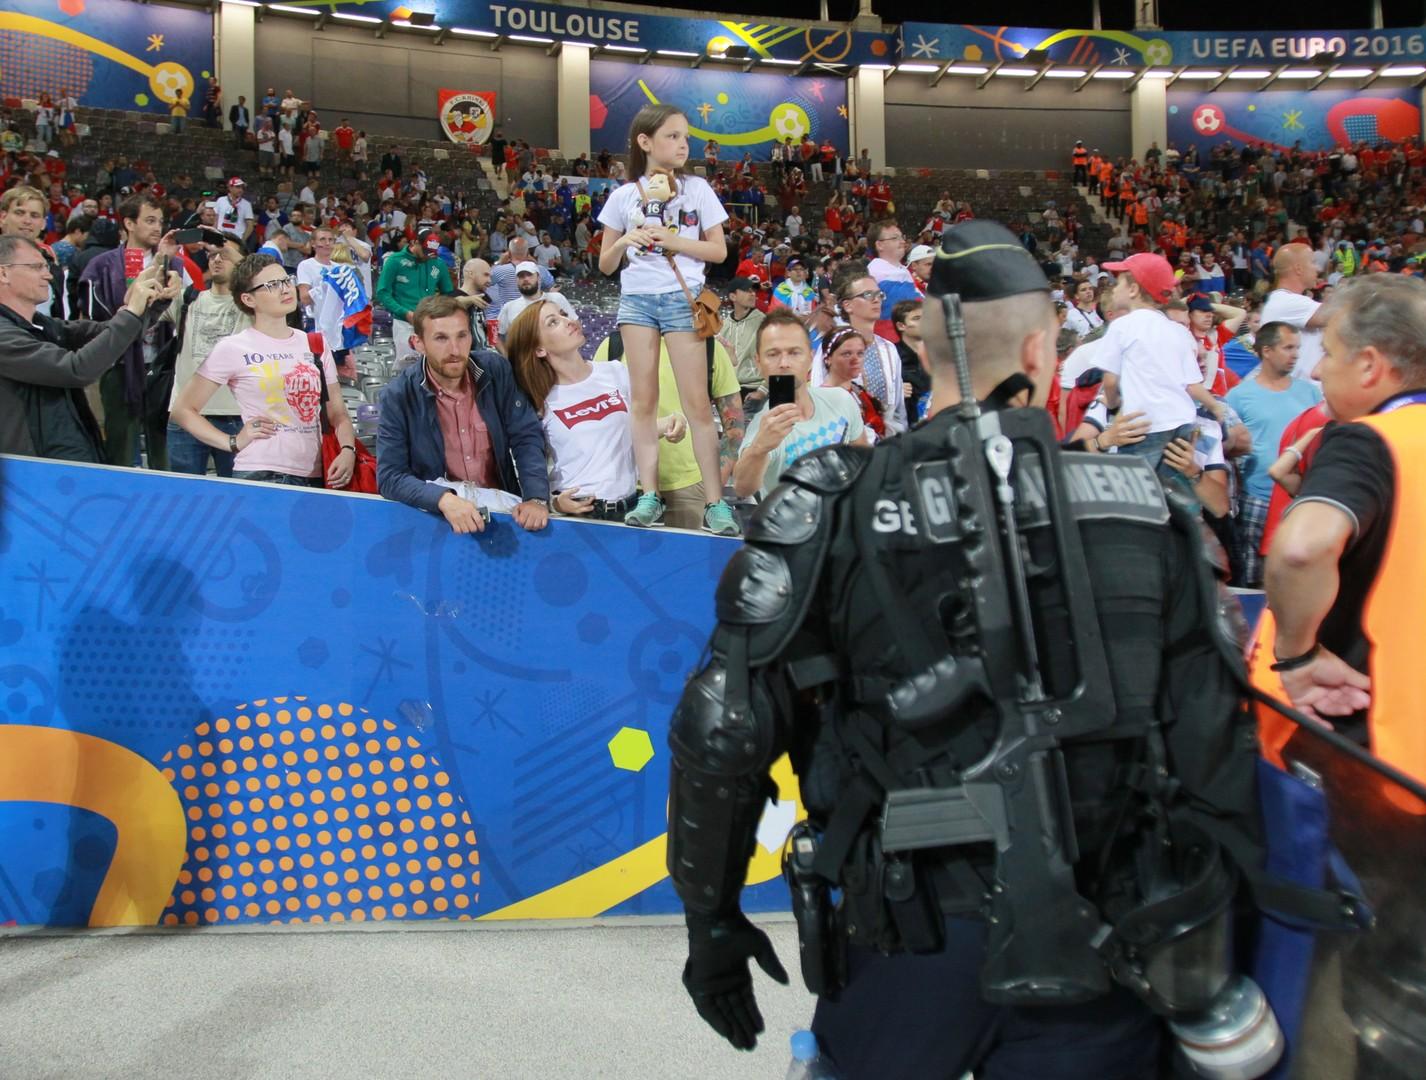 Жандармы у трибун с российскими болельщиками после матча группового этапа чемпионата Европы по футболу - 2016 между сборными командами России и Уэльса.